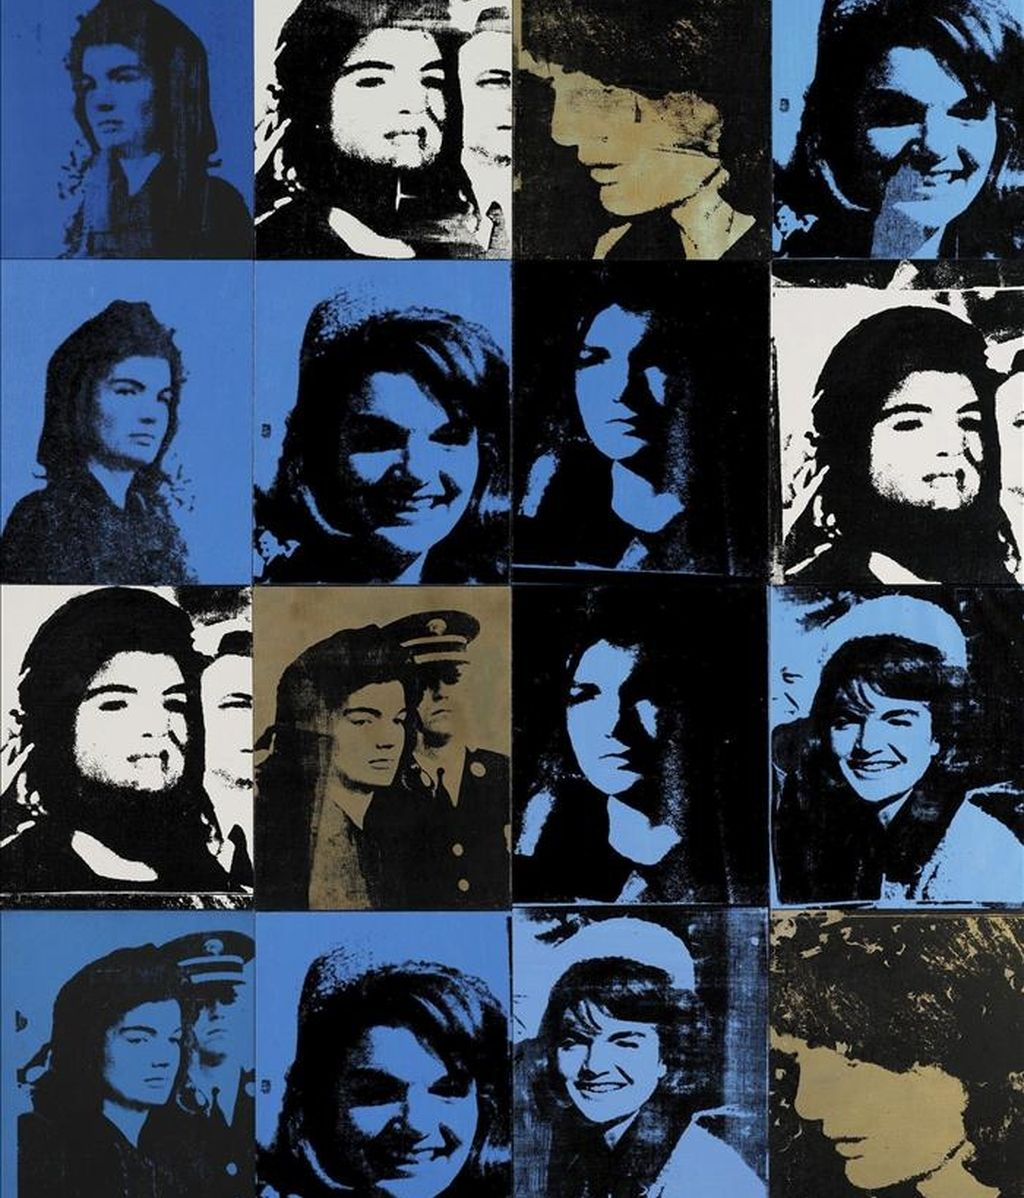 """Imagen facilitada por la casa de subastas Sotheby's  en Londres, Inglaterra, que muestra la serigrafía """"Sixteen Jackies"""", hecho por el artista Andy Warhol en 1964. EFE/SOTHEBYS"""